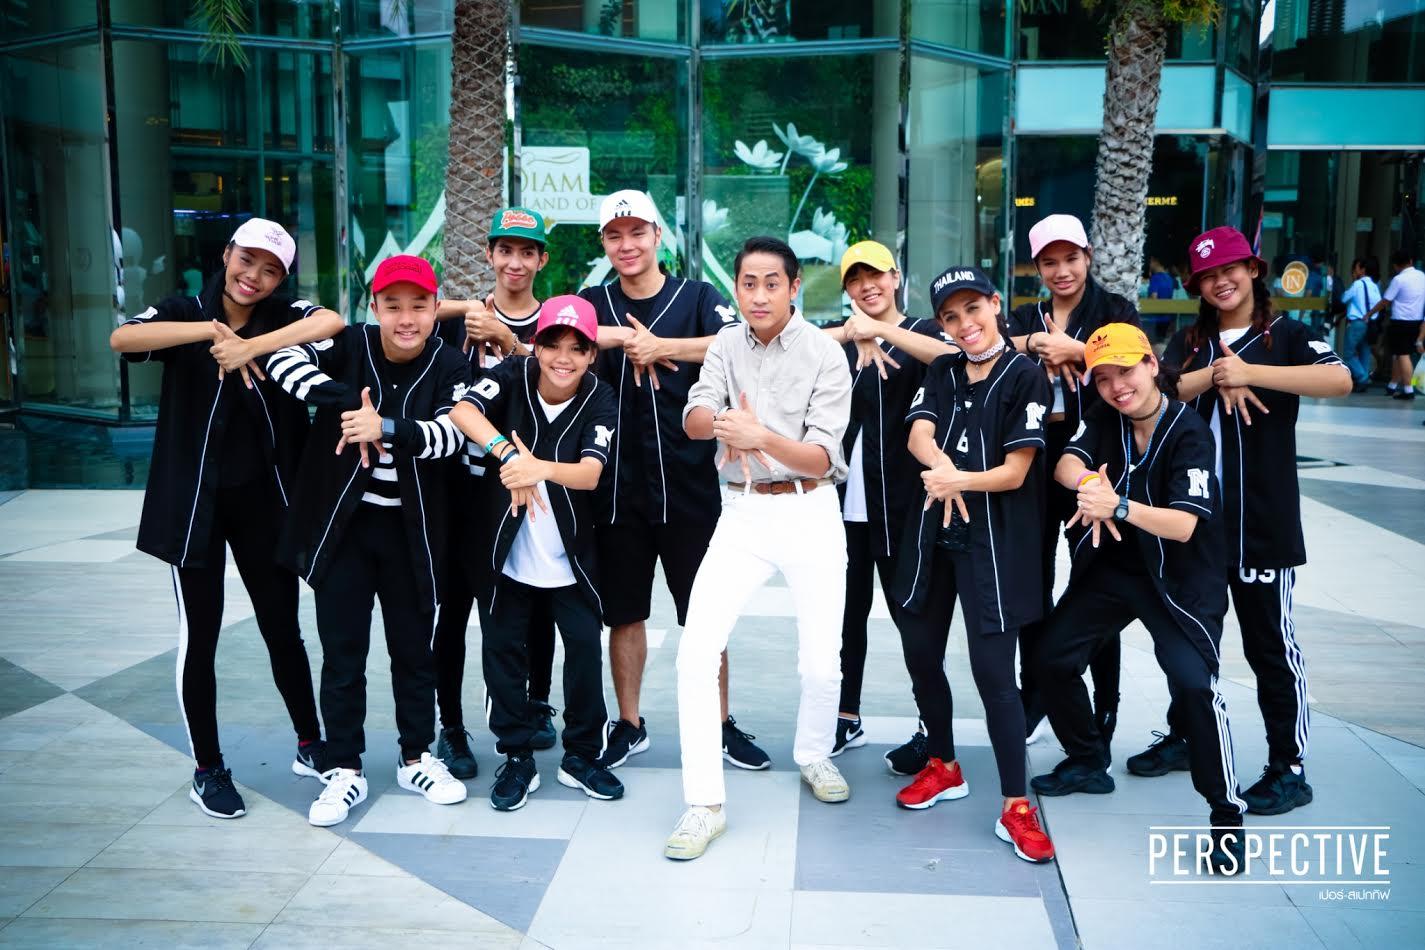 นำทีม D-MANIAC ฮิปฮอปแดนซ์ทีมชาติไทย